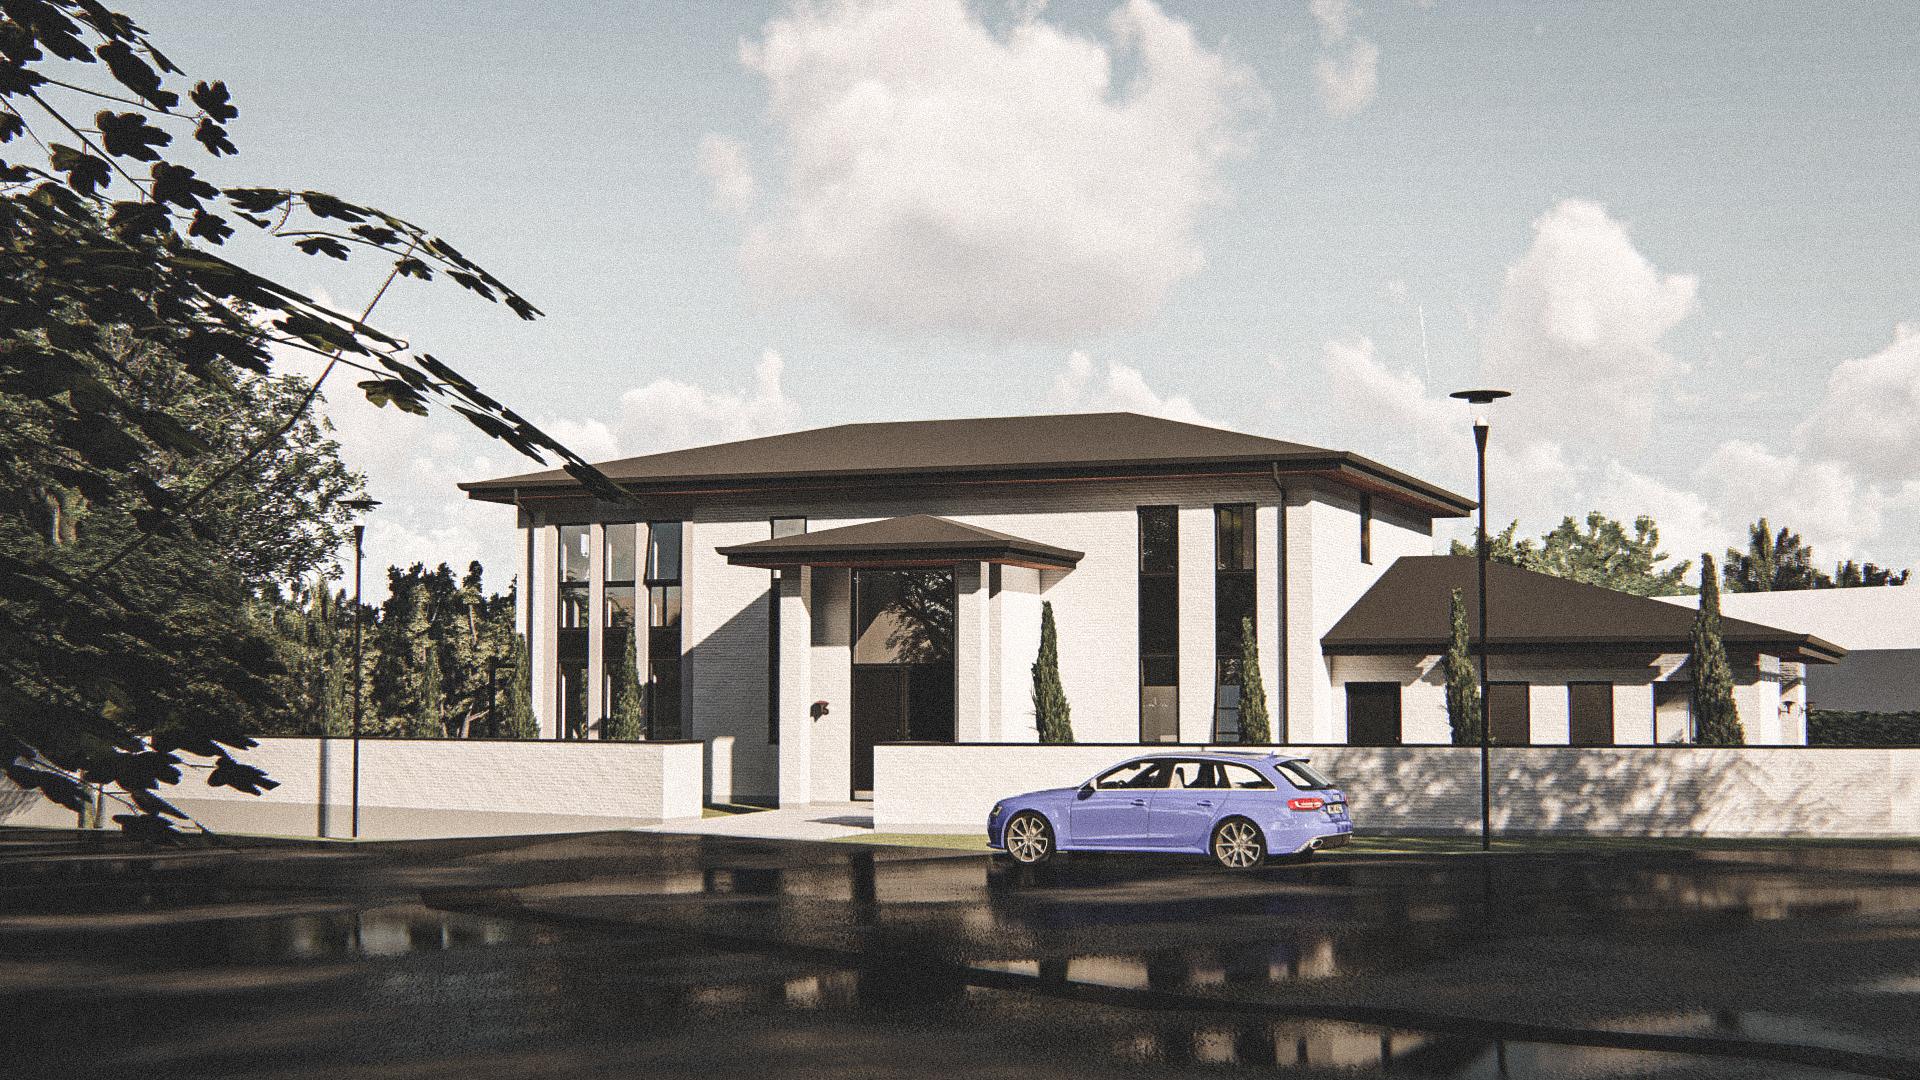 Billede af Dansk arkitekttegnet 3 plan villa af arkitektfirmaet m2plus, i Vedbæk på 537 kvartratmeter.